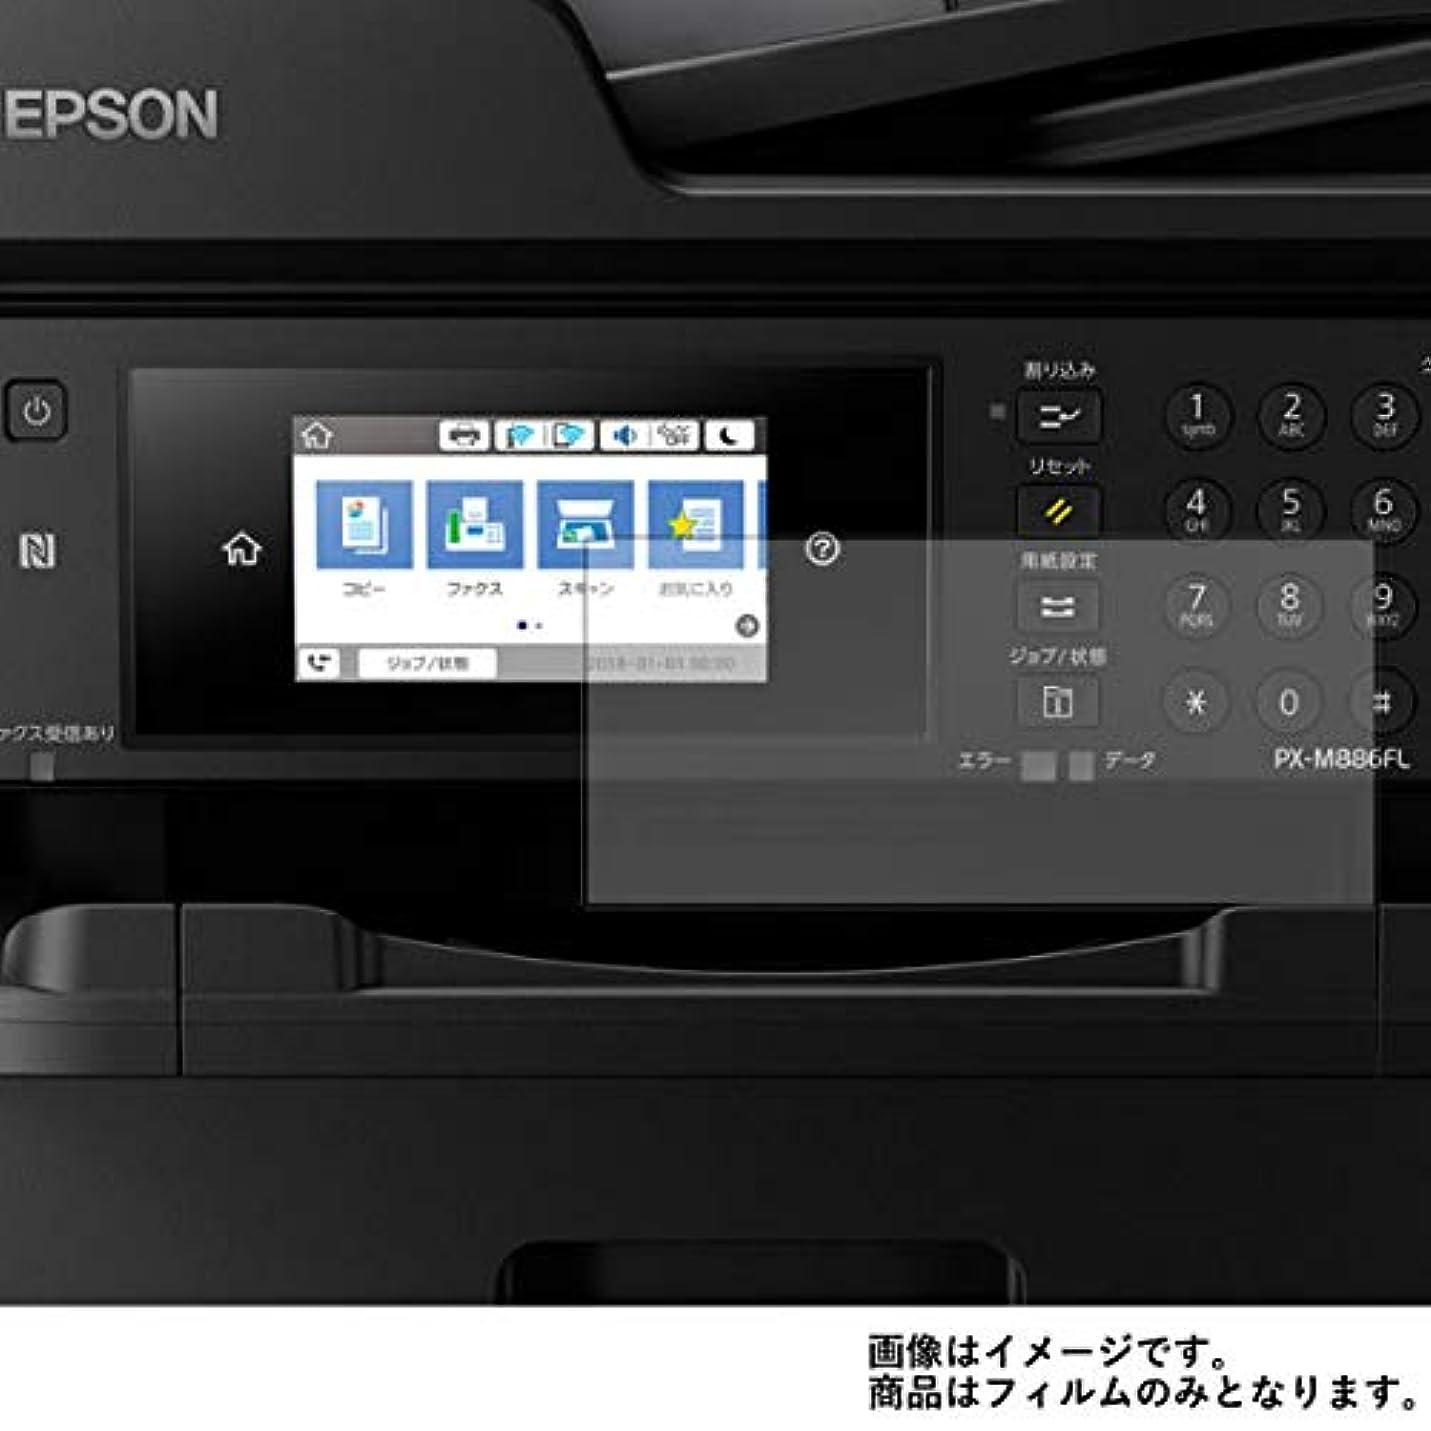 エンティティ妊娠した低下EPSON PX-M886FL 用【高硬度9Hアンチグレアタイプ】液晶保護フィルム 反射防止!高硬度9Hフィルム